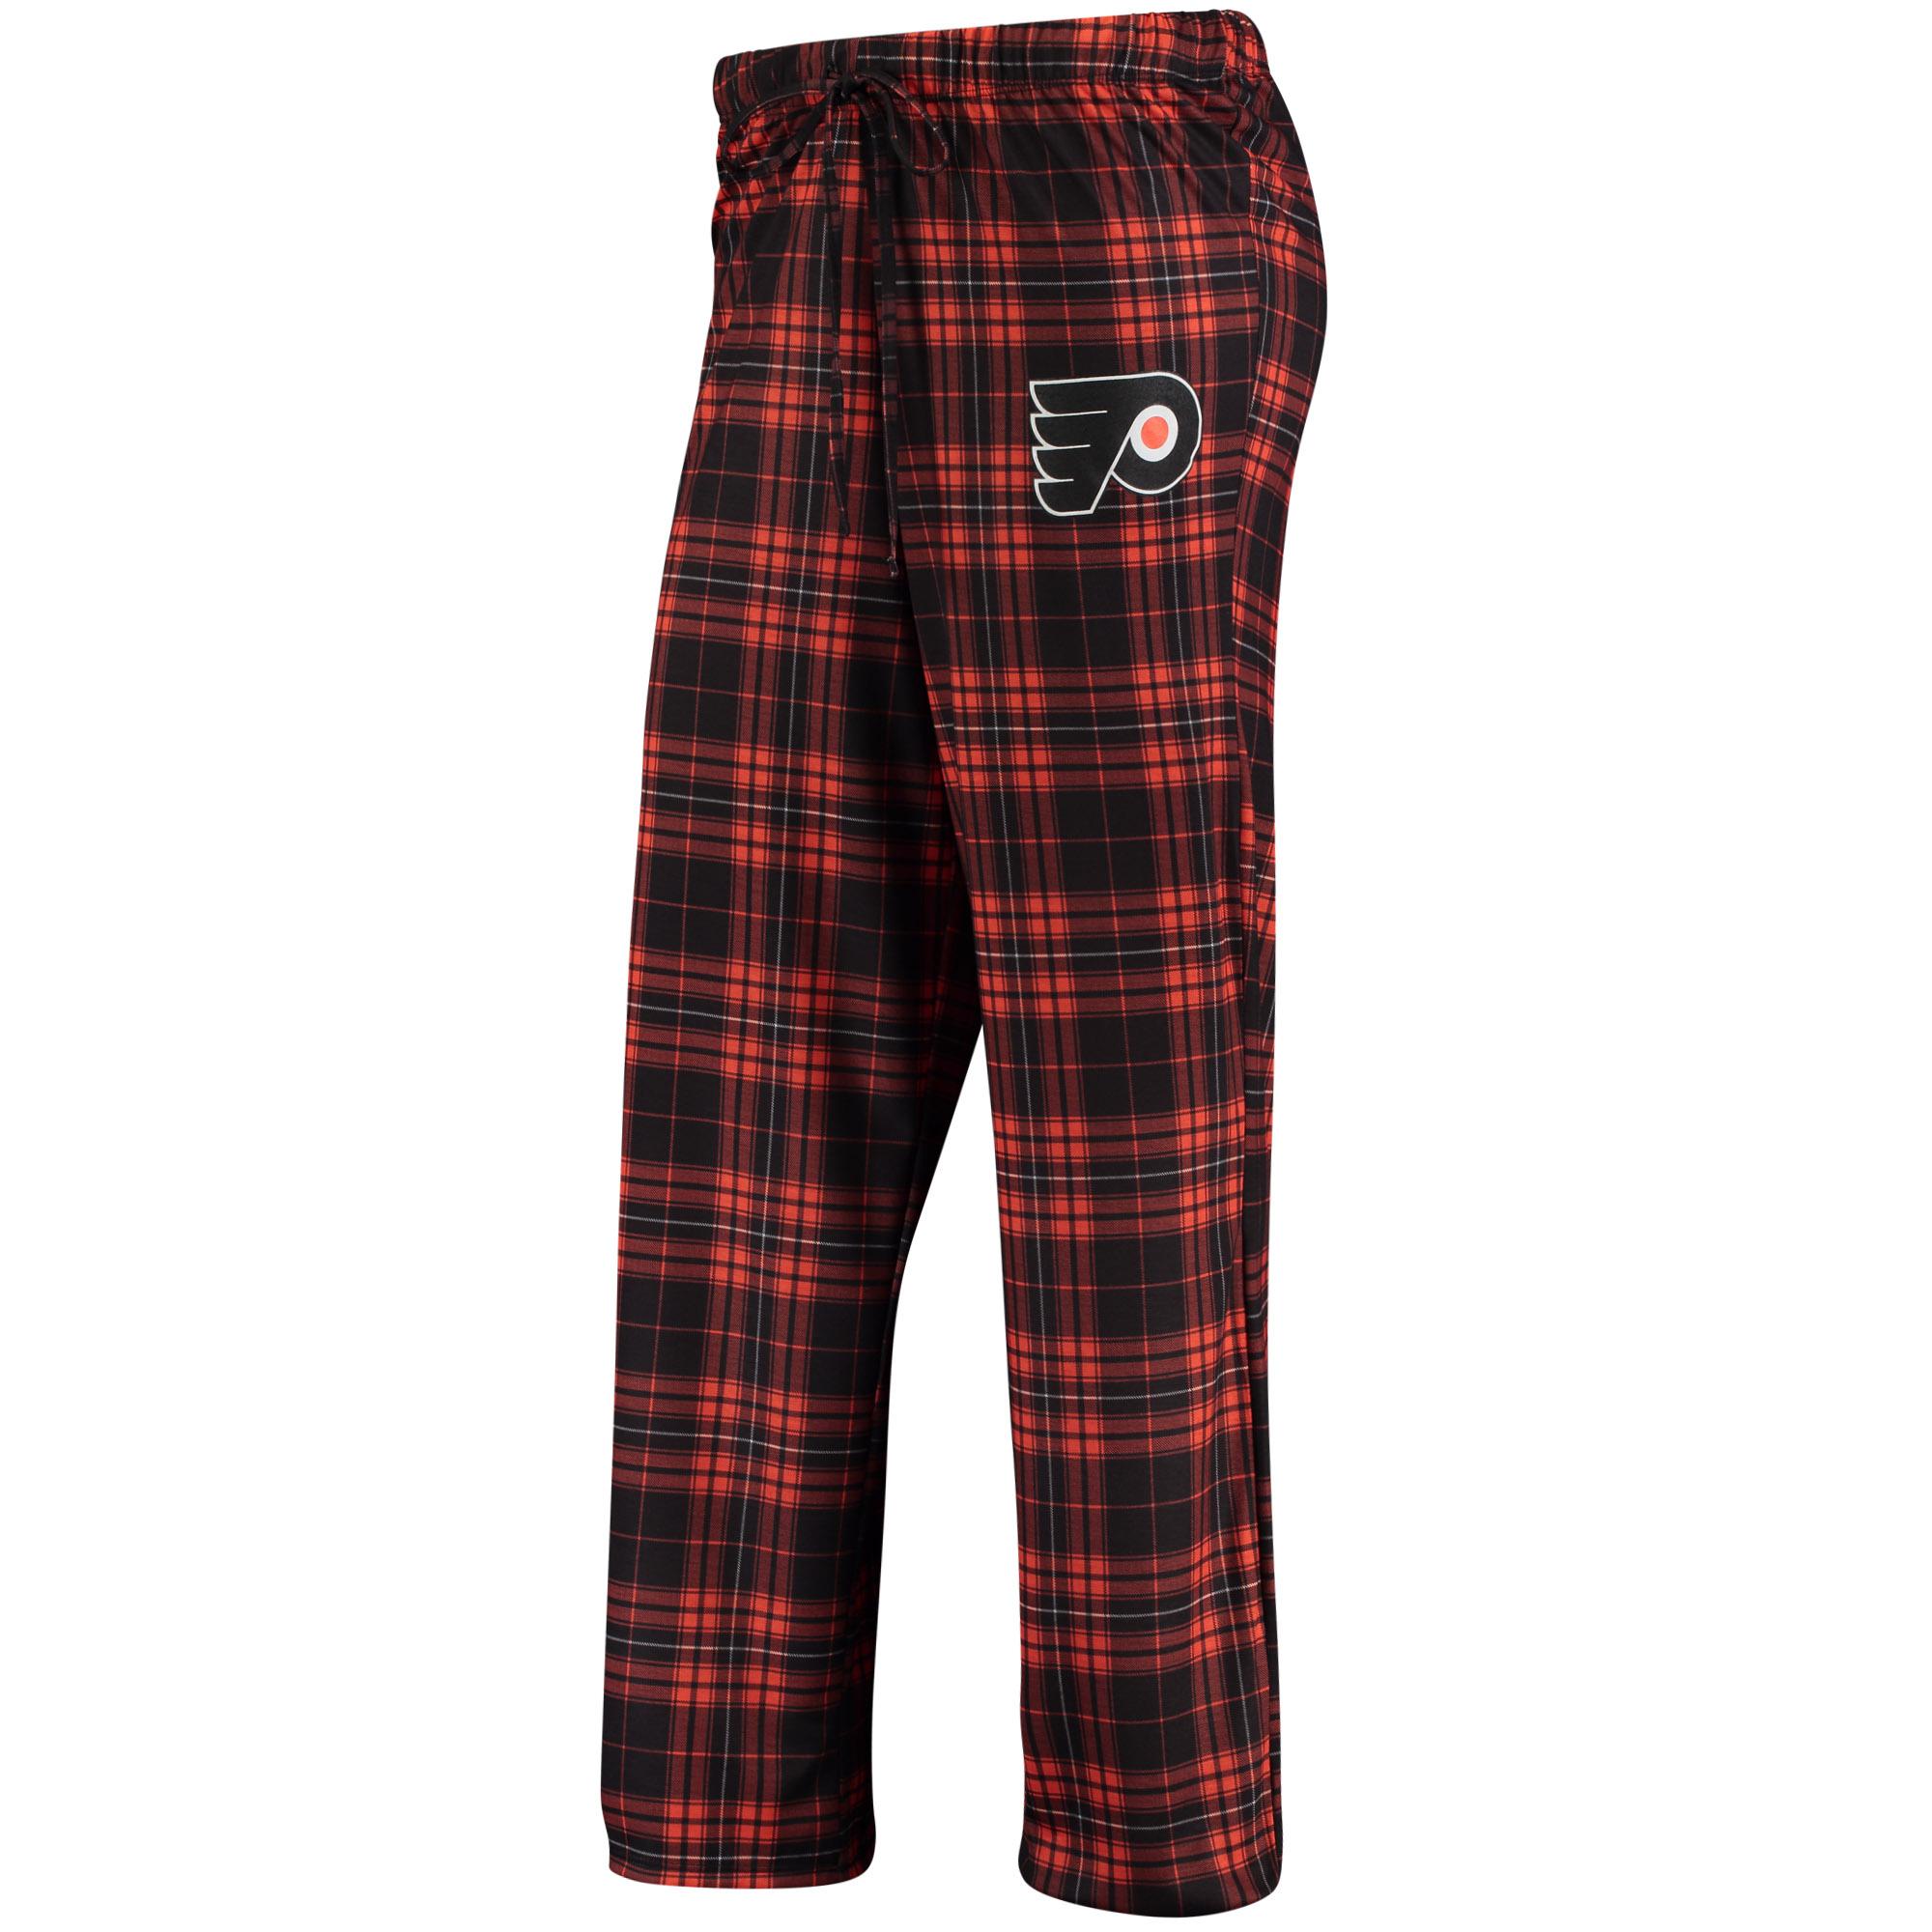 Philadelphia Flyers Concepts Sport Women's Plus Size Rush Knit Flannel Pants - Black/Orange